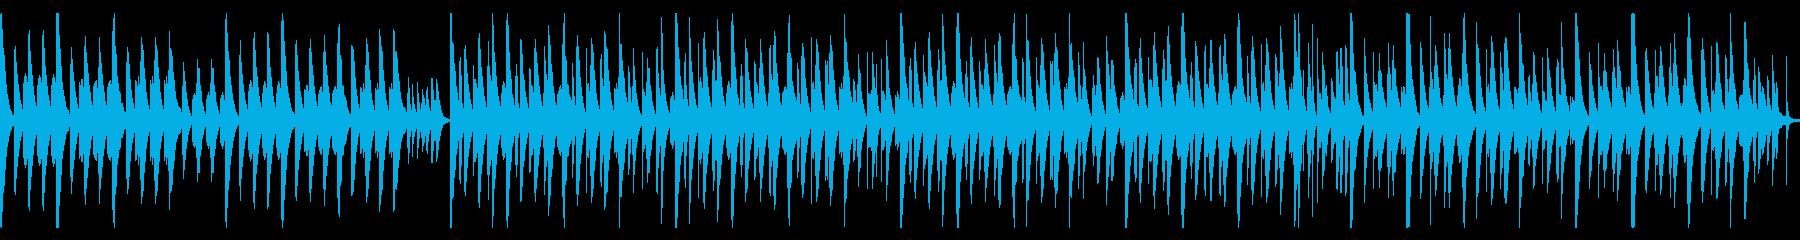 マリンバと打楽器のかわいいほのぼのBGMの再生済みの波形